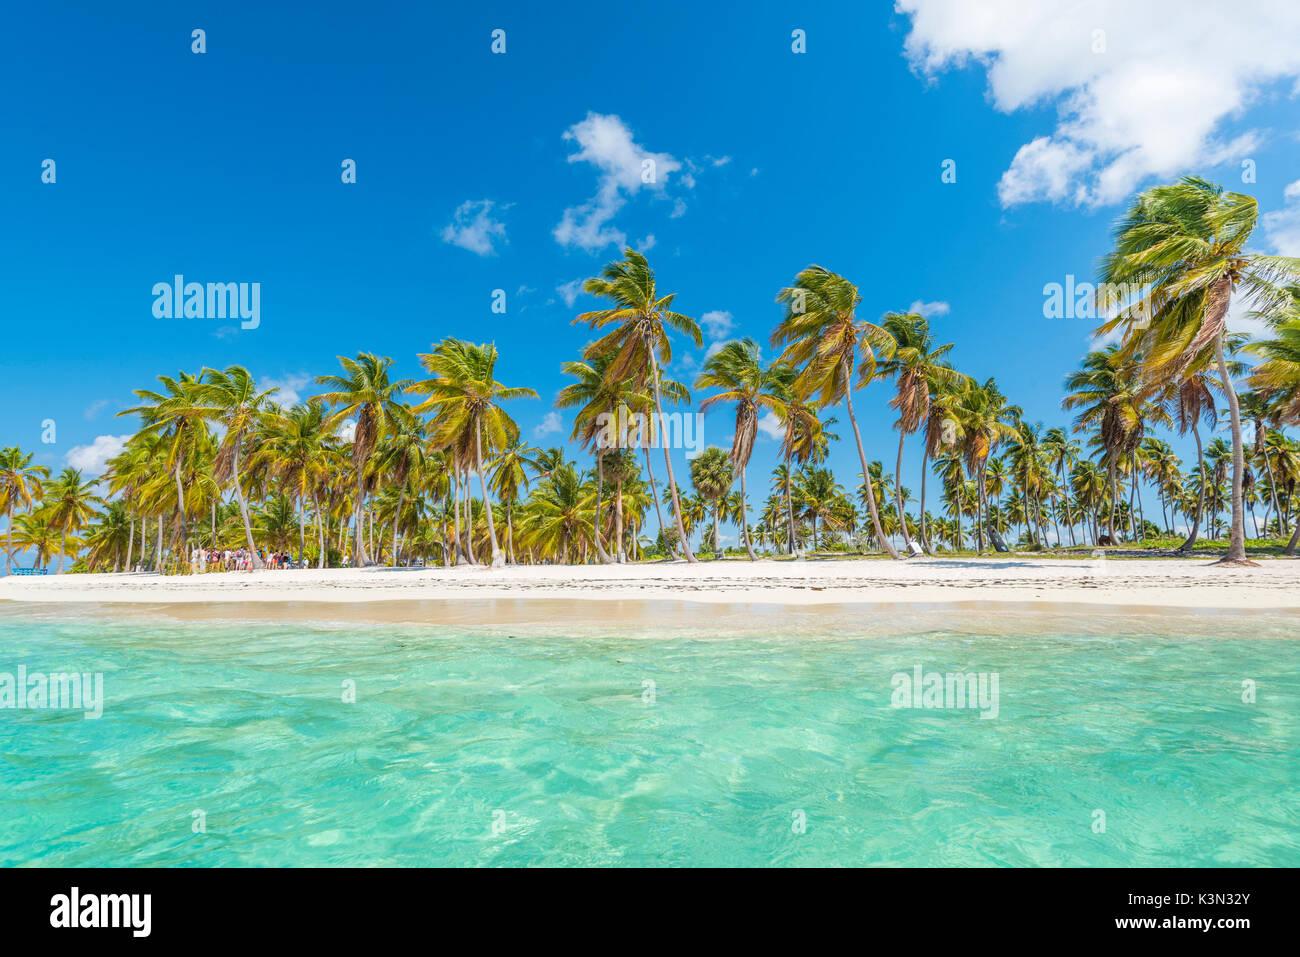 Canto de la playa, Isla Saona, East National Park (Parque Nacional del Este), en la República Dominicana, Mar Caribe. Imagen De Stock